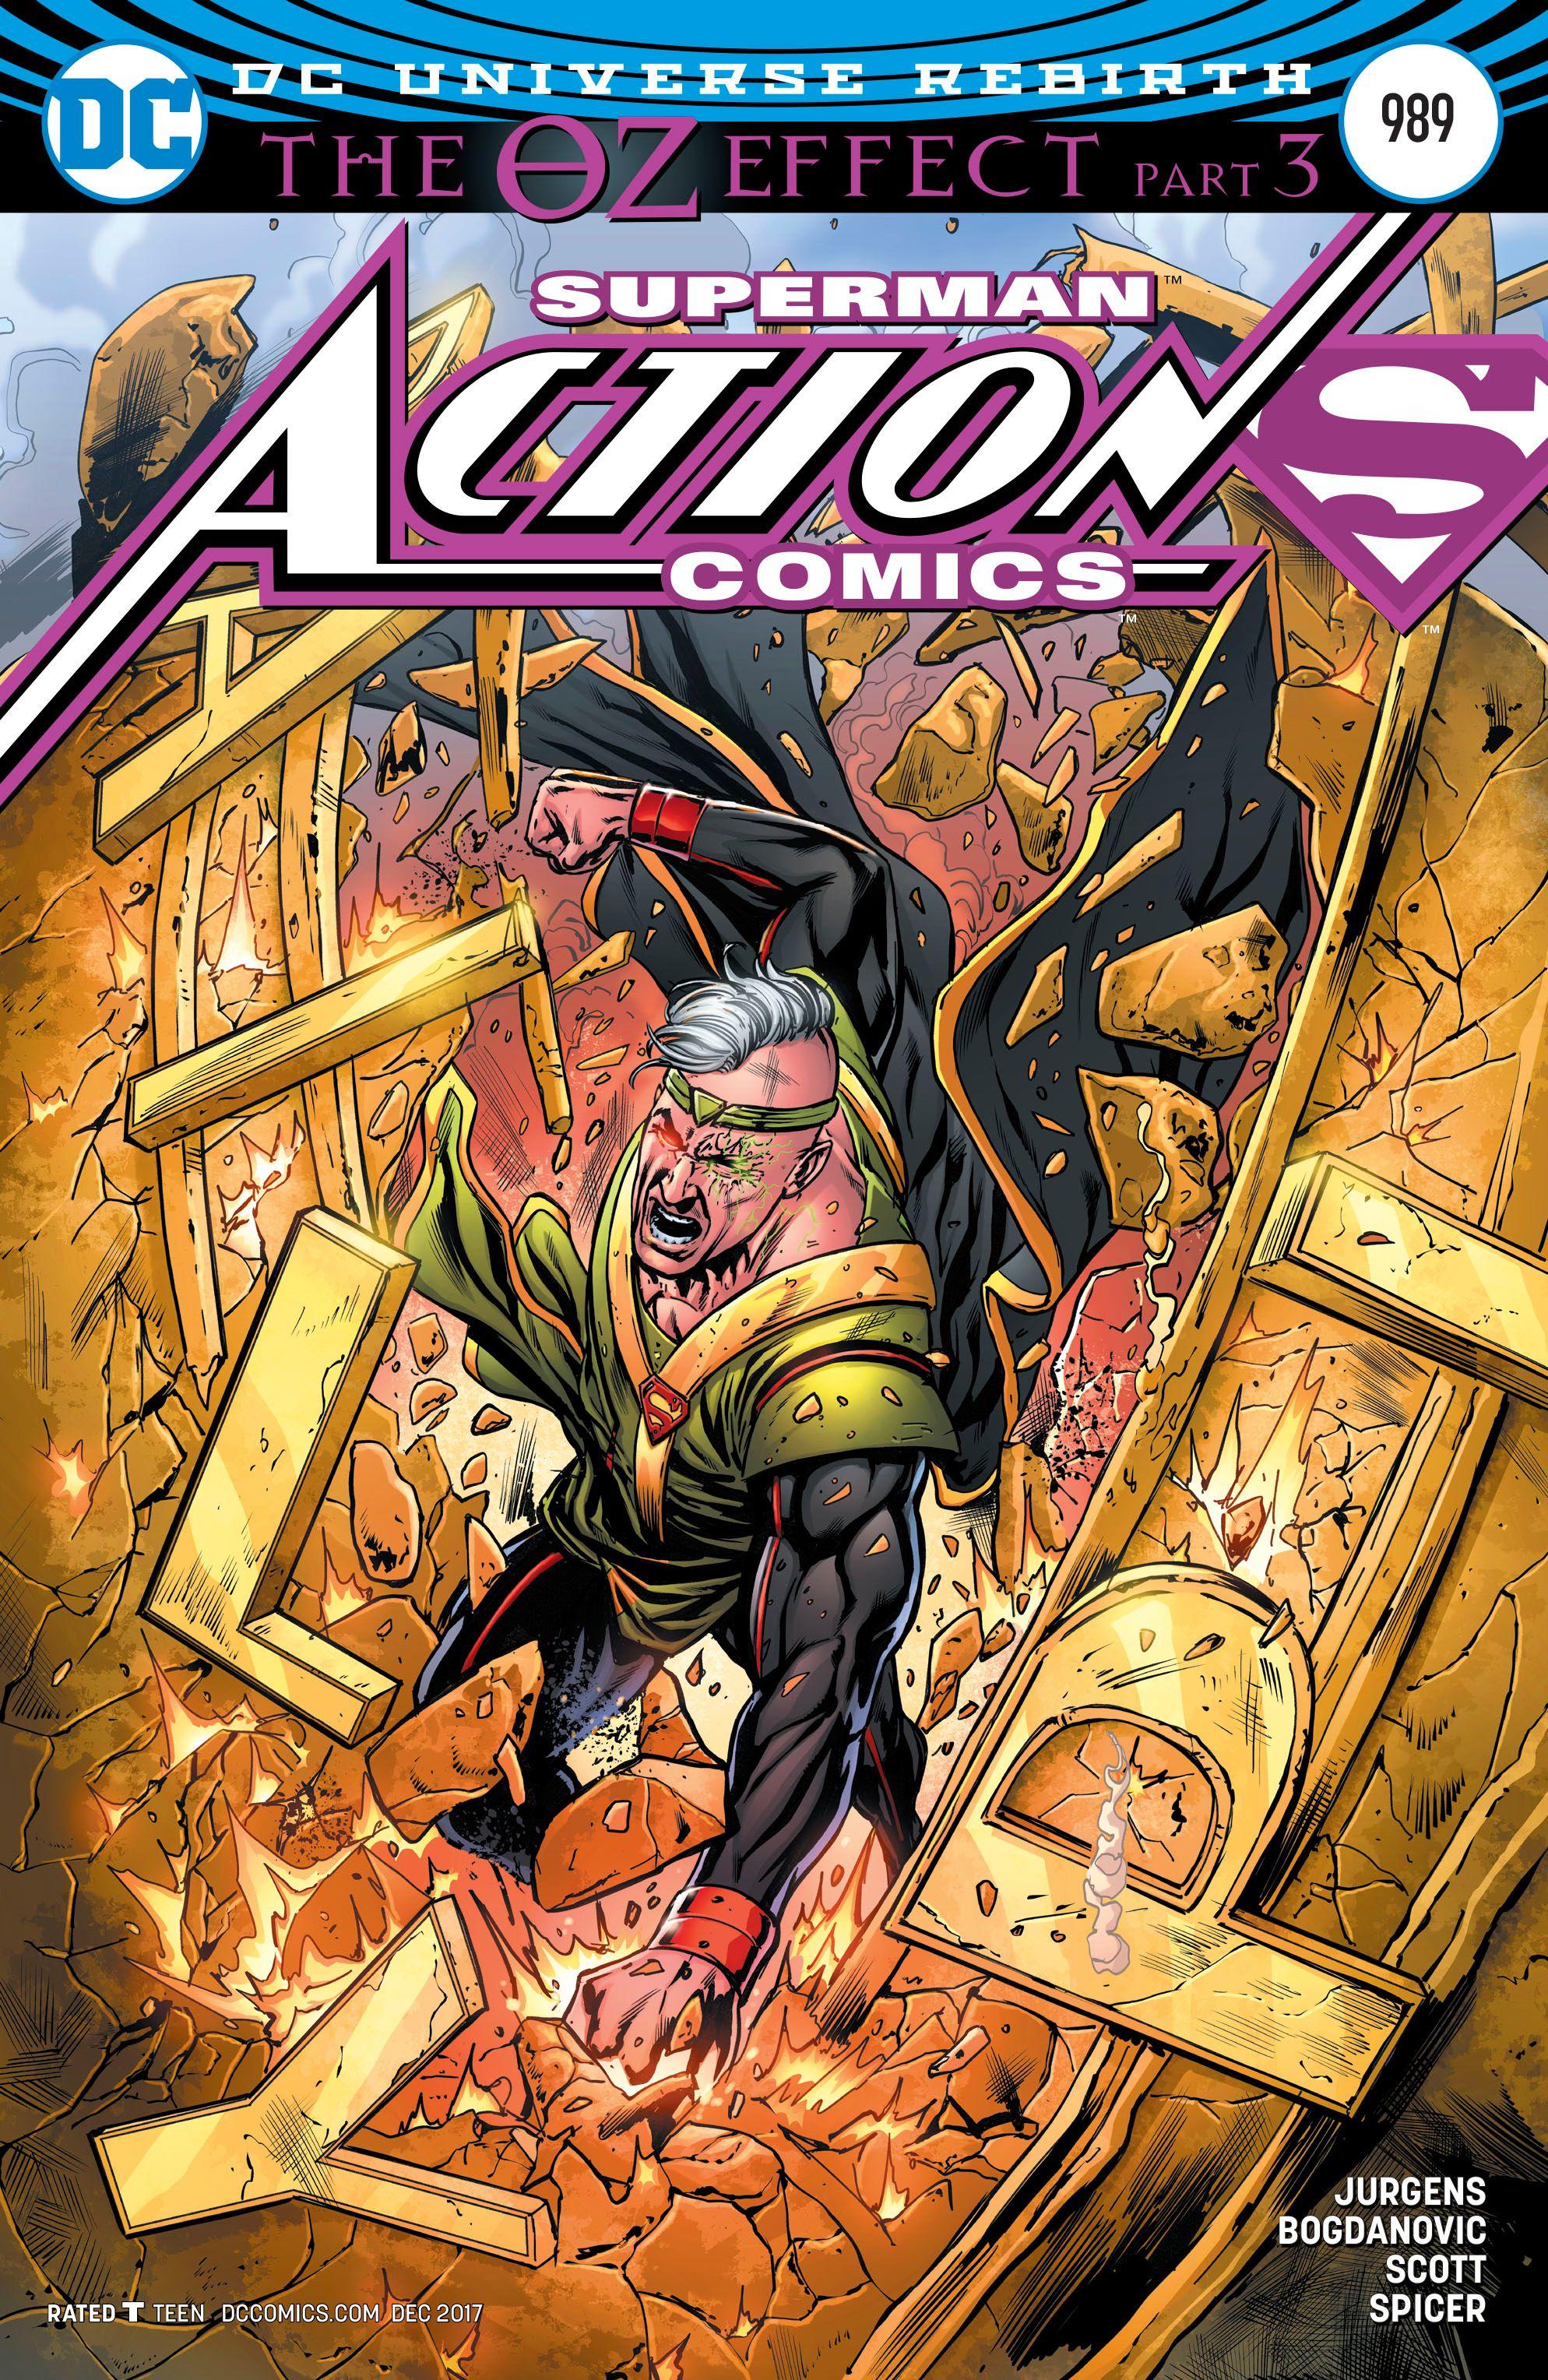 Action Comics Vol 1 989 Variant.jpg